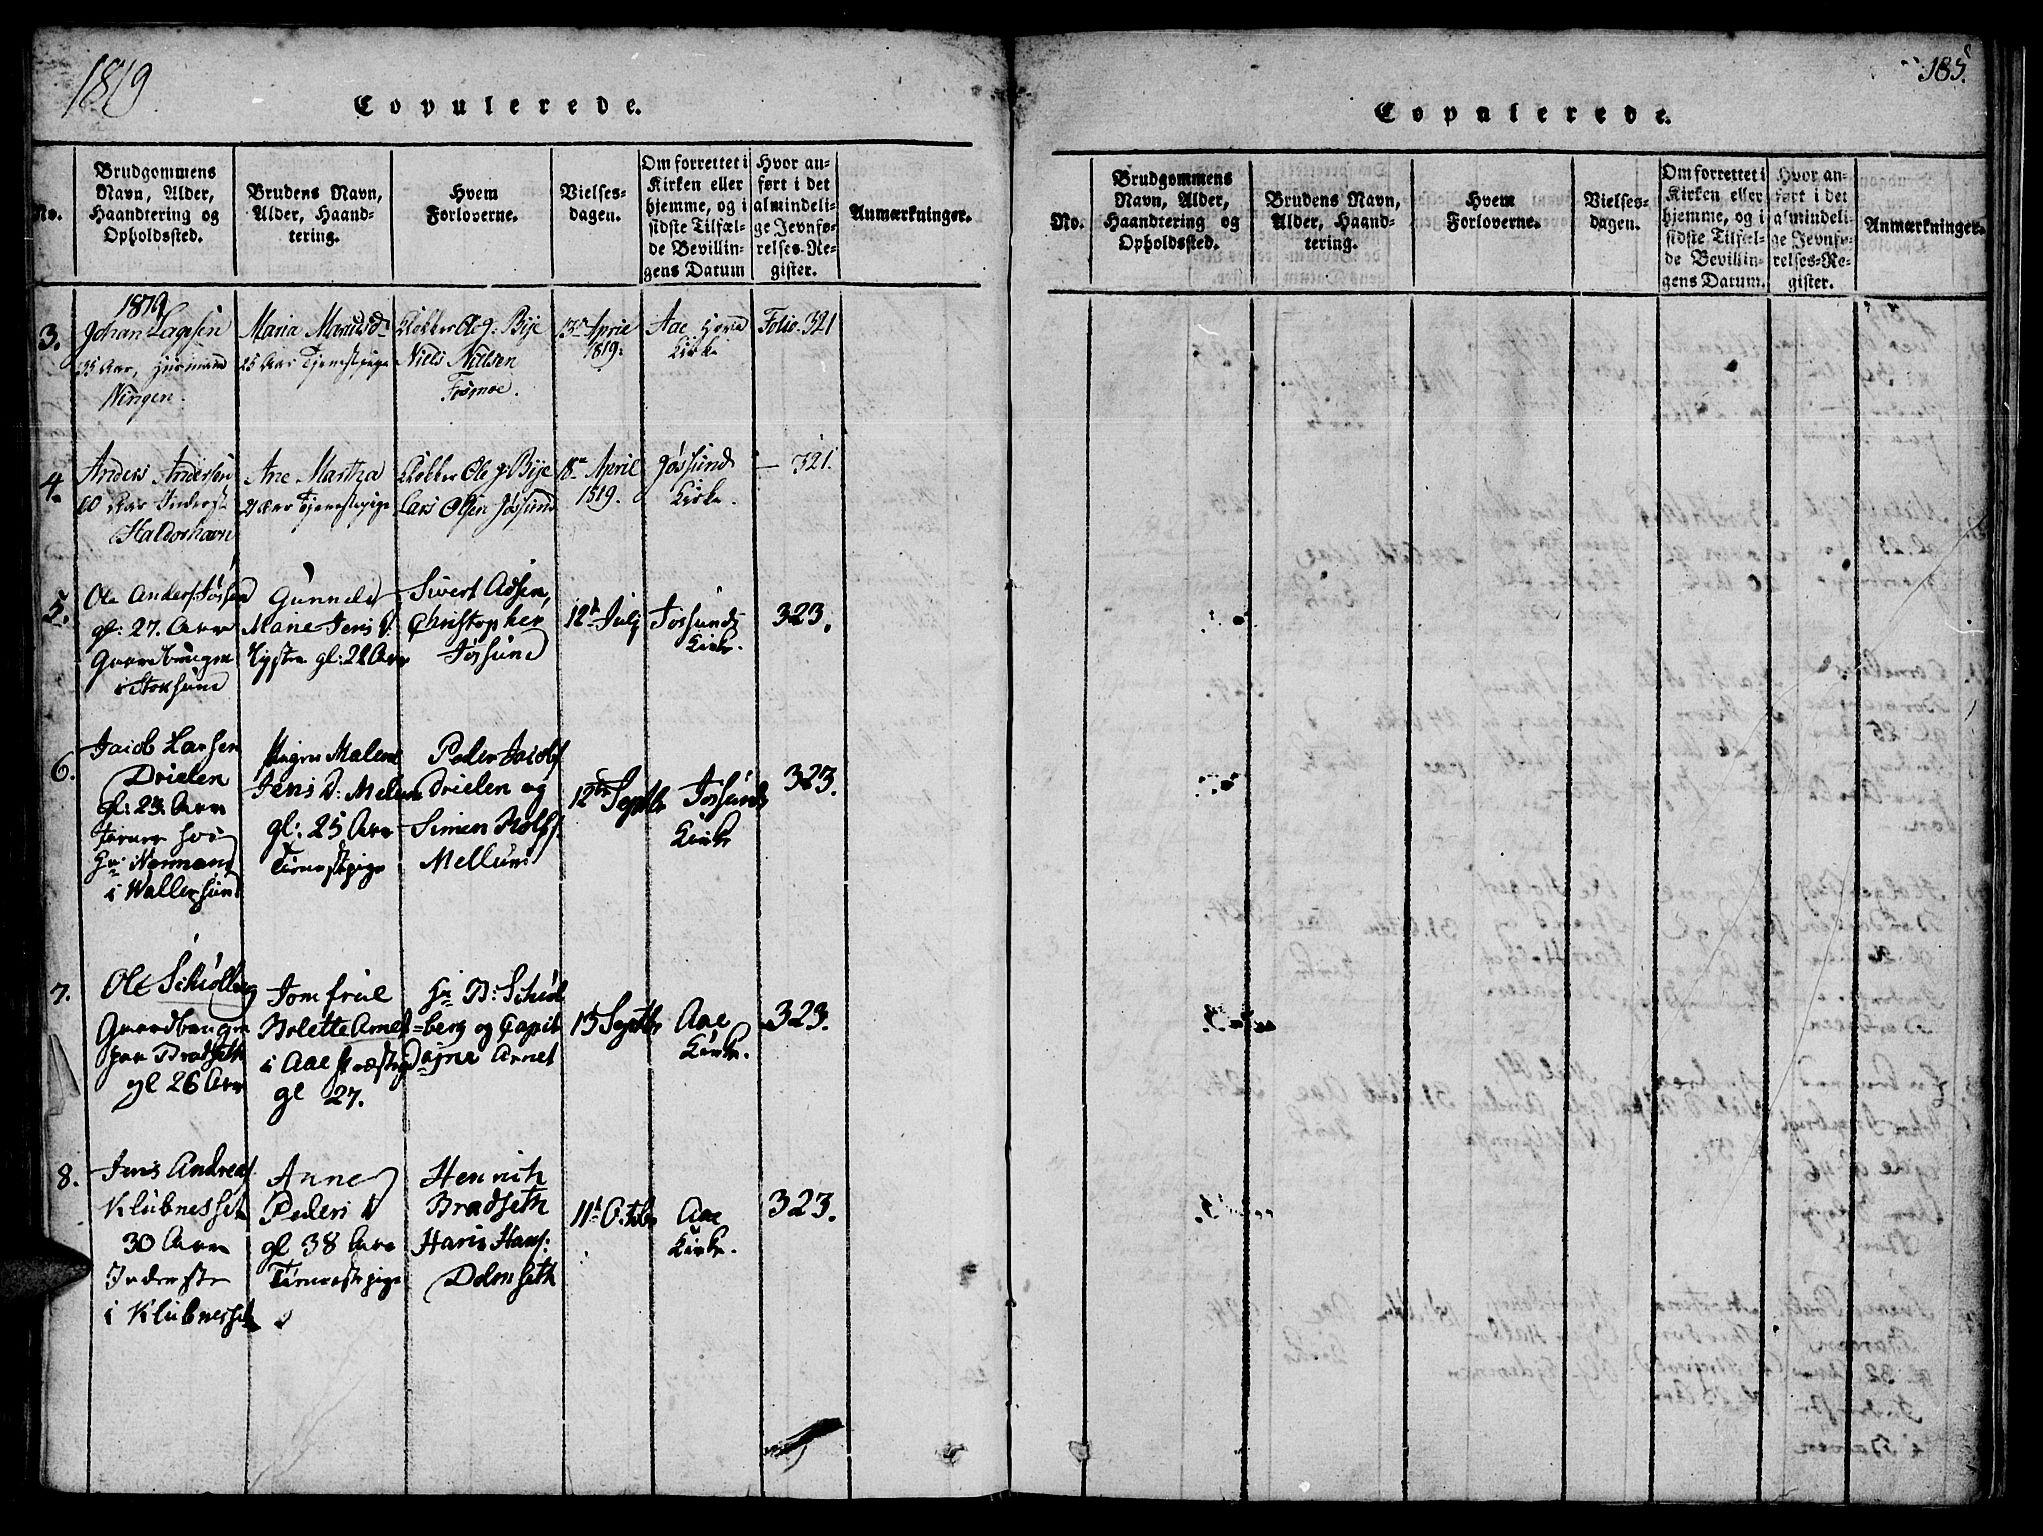 SAT, Ministerialprotokoller, klokkerbøker og fødselsregistre - Sør-Trøndelag, 655/L0675: Ministerialbok nr. 655A04, 1818-1830, s. 185